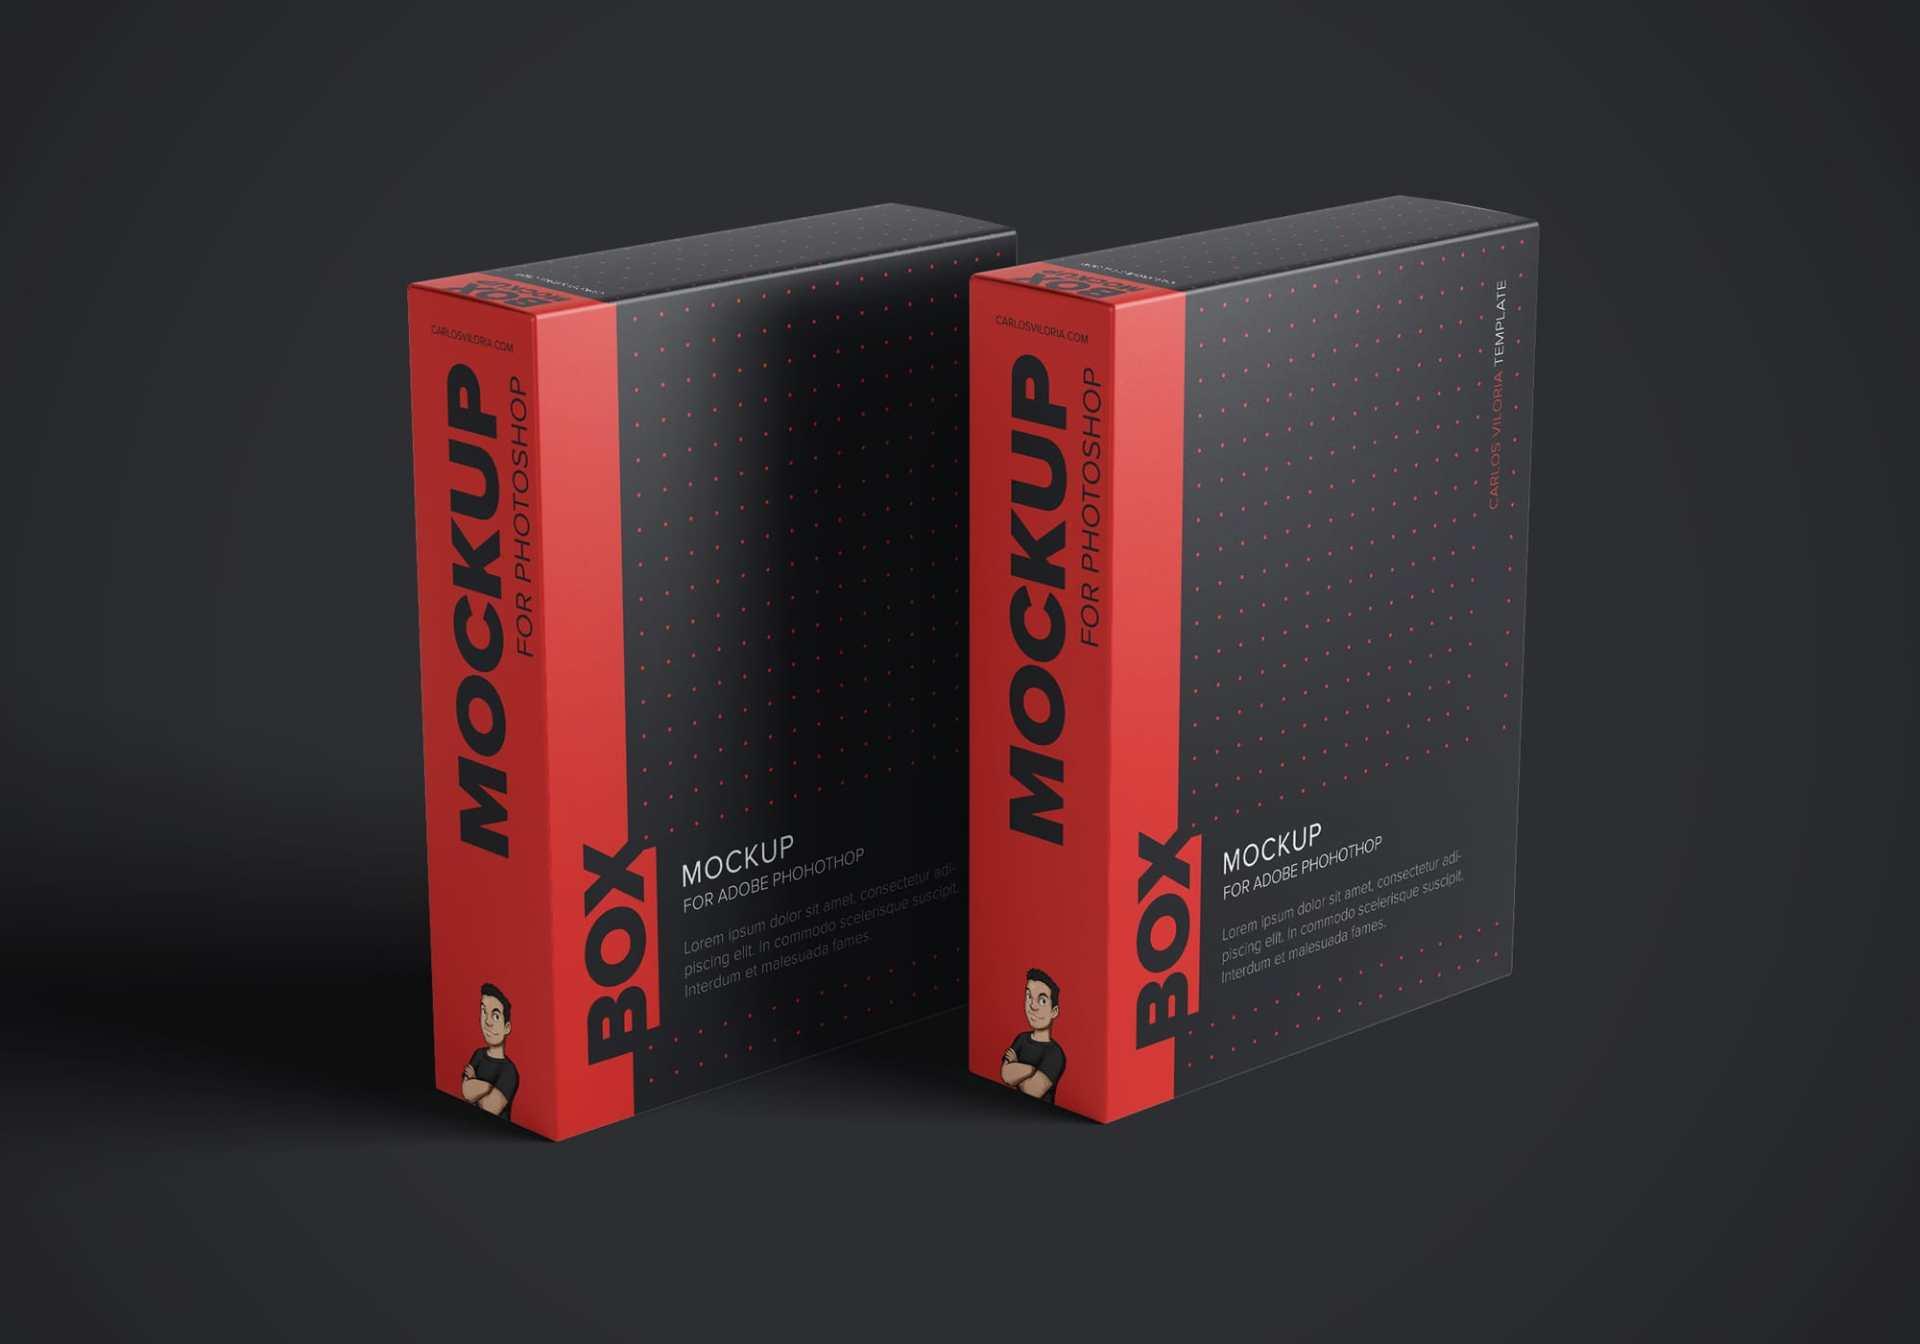 Free Software Box Mockup Pack